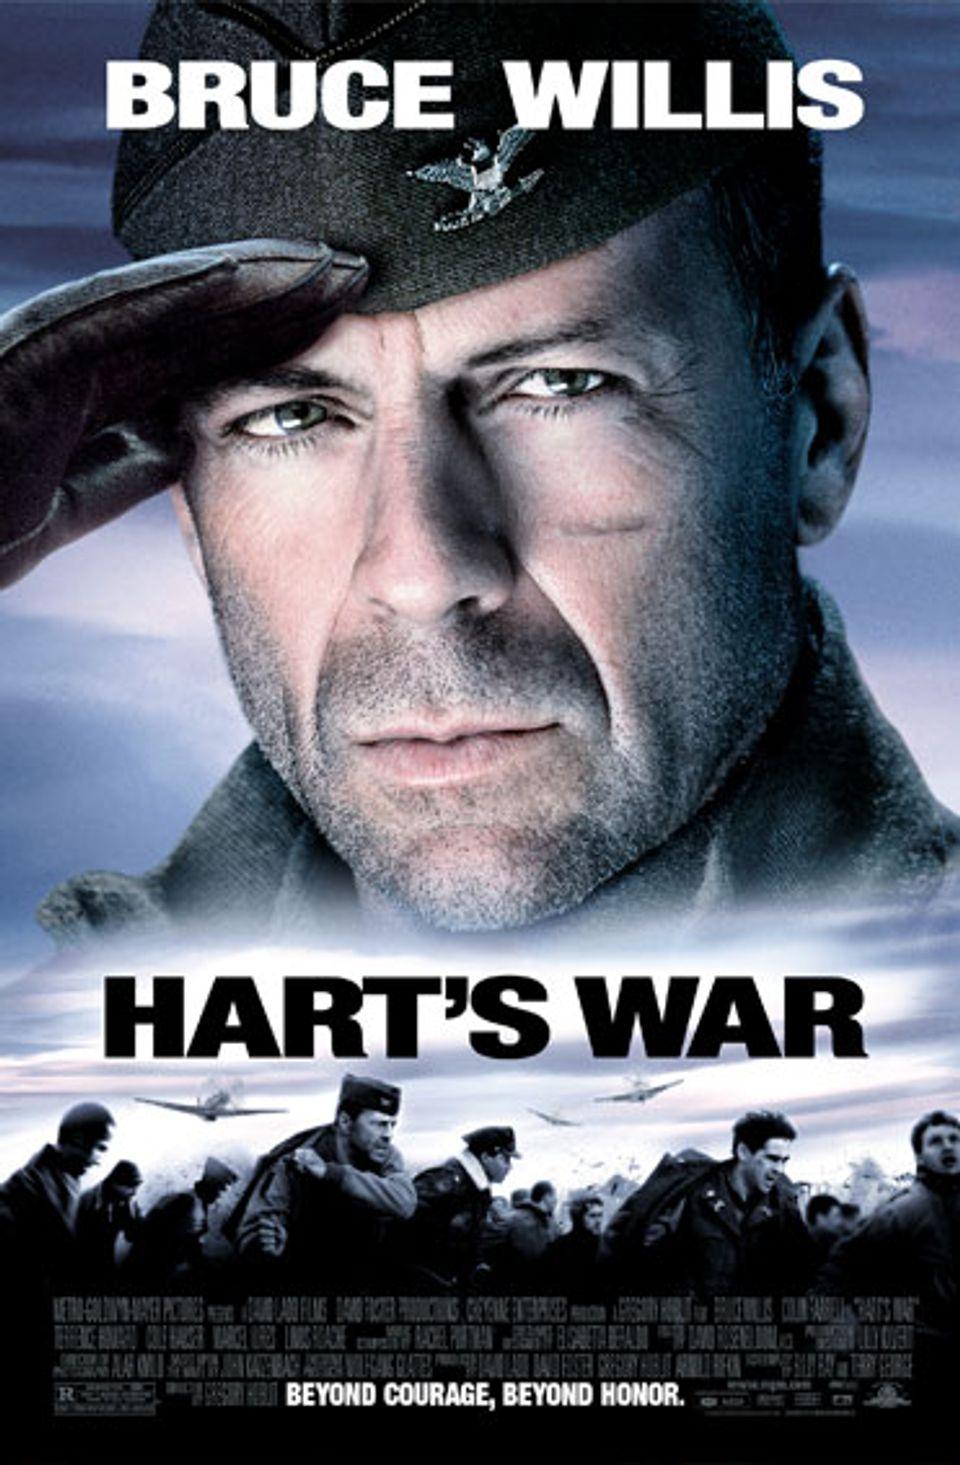 """ภ.ฝรั่ง """"ฮาร์ทส วอร์ สงครามบัญญัติวีรบุรุษ"""" (HART'S WAR)"""